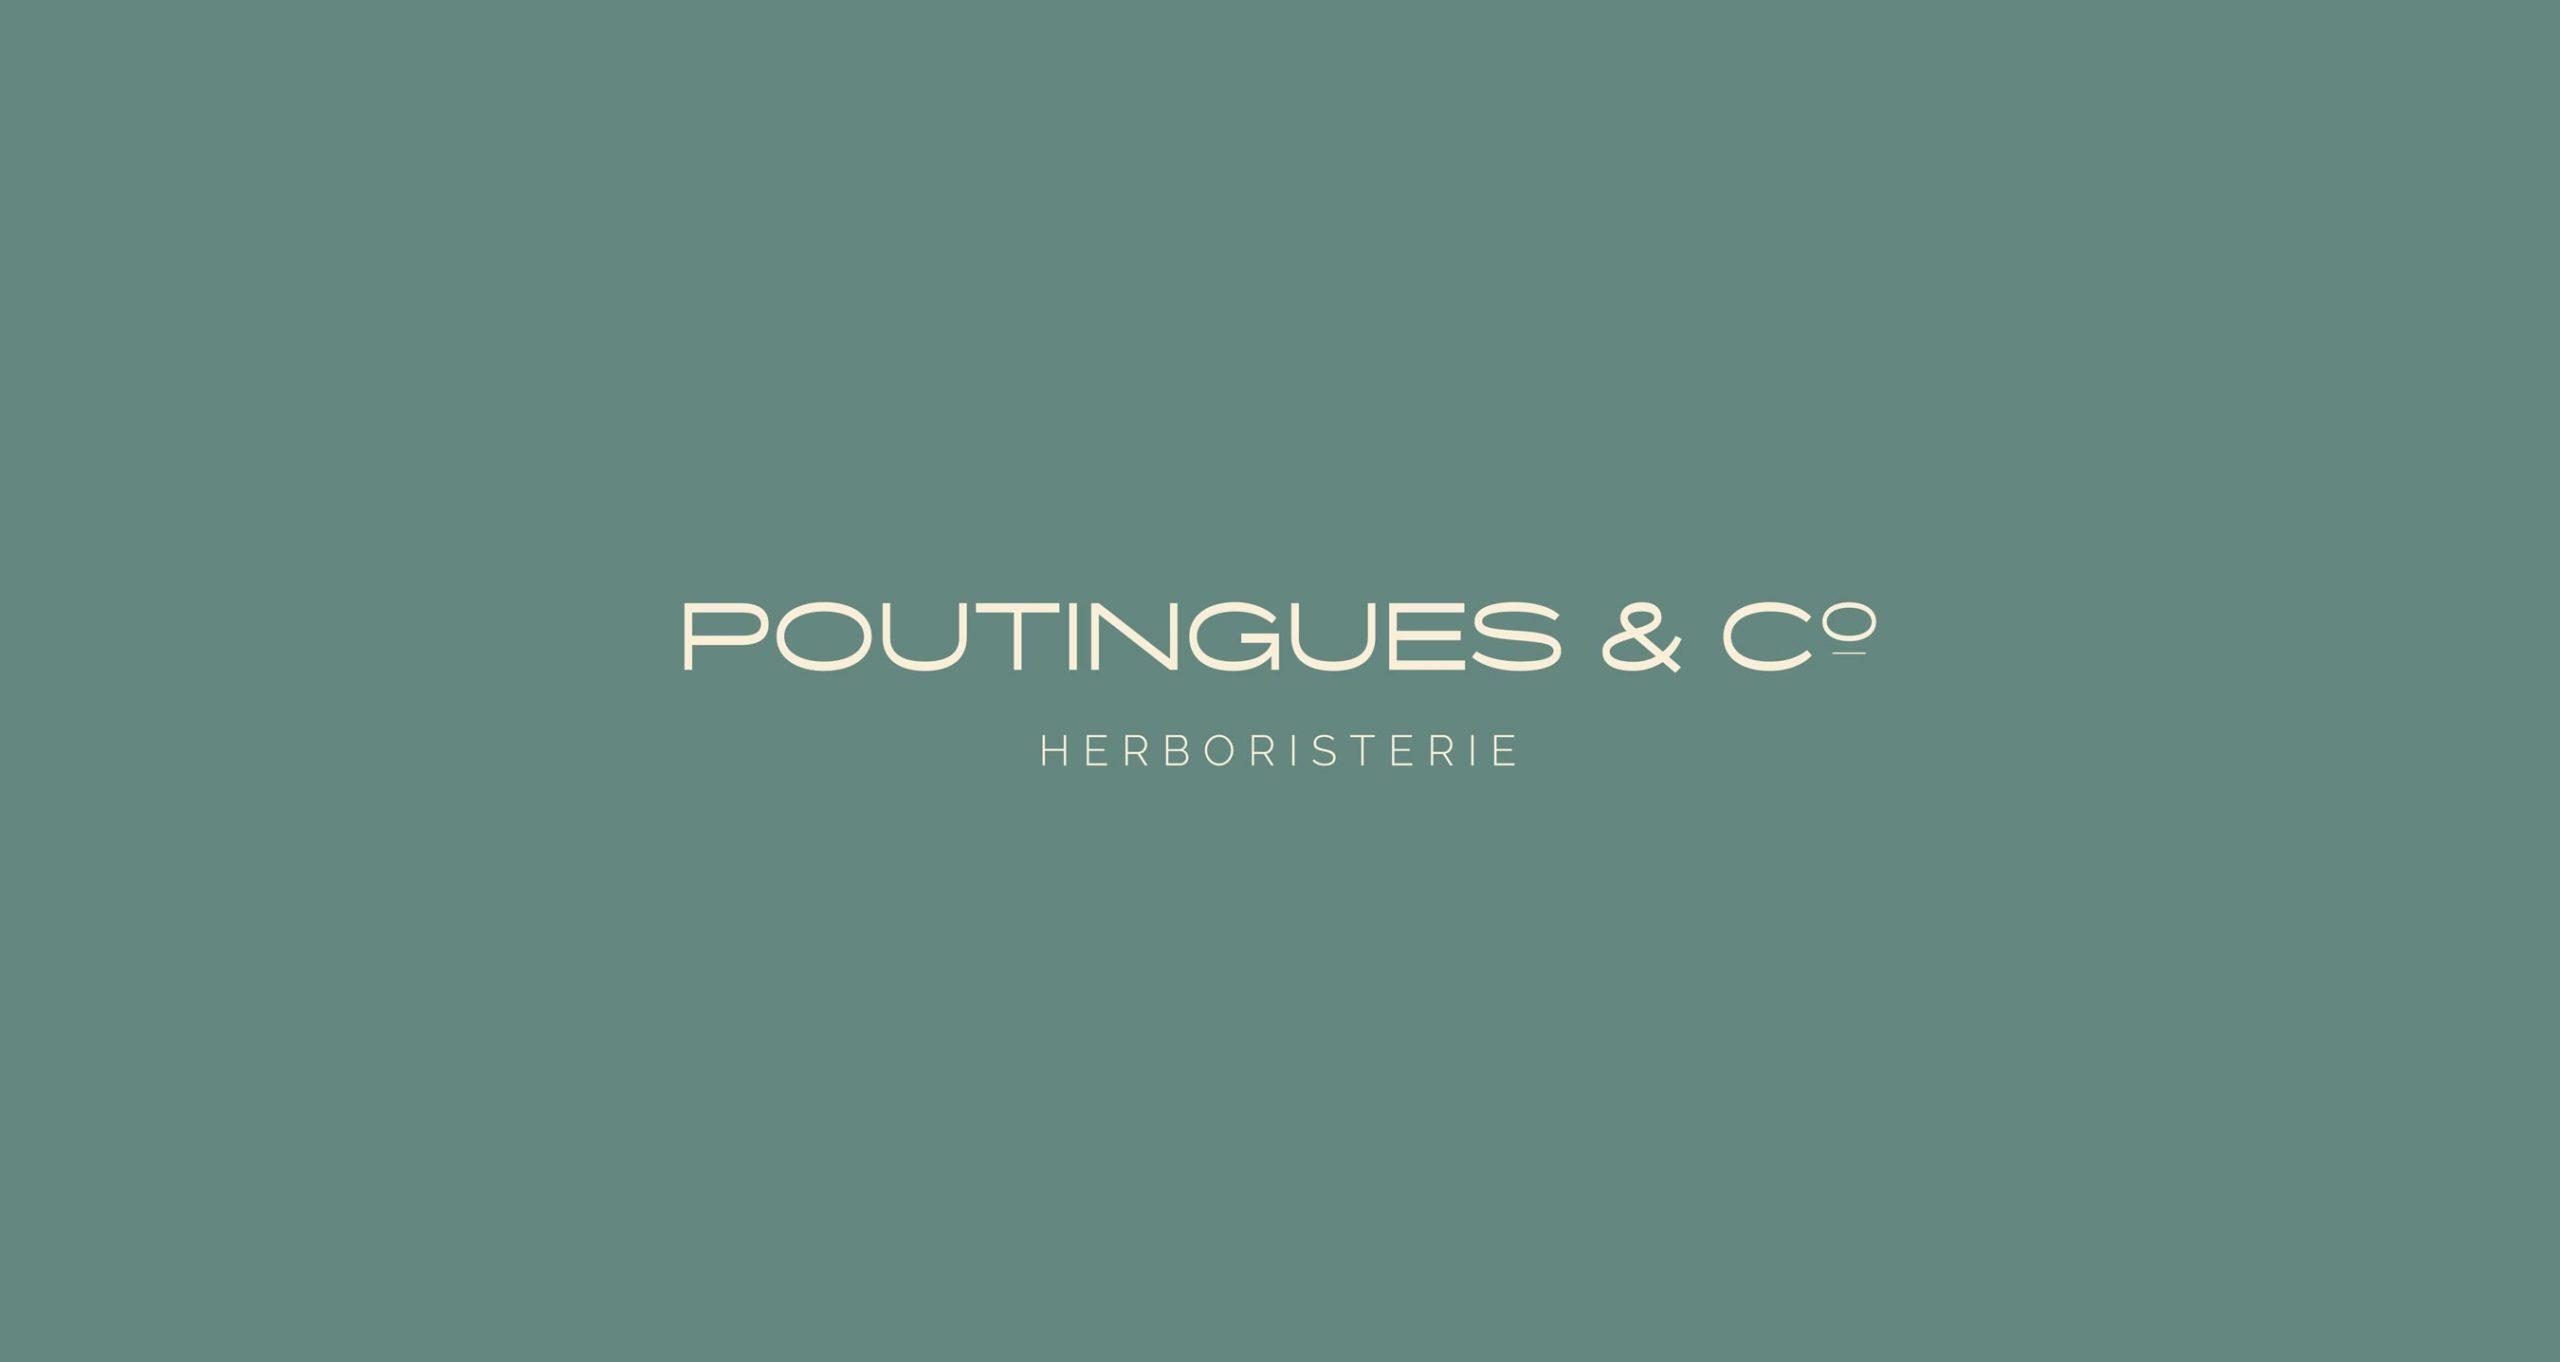 Poutingues & Co. 3